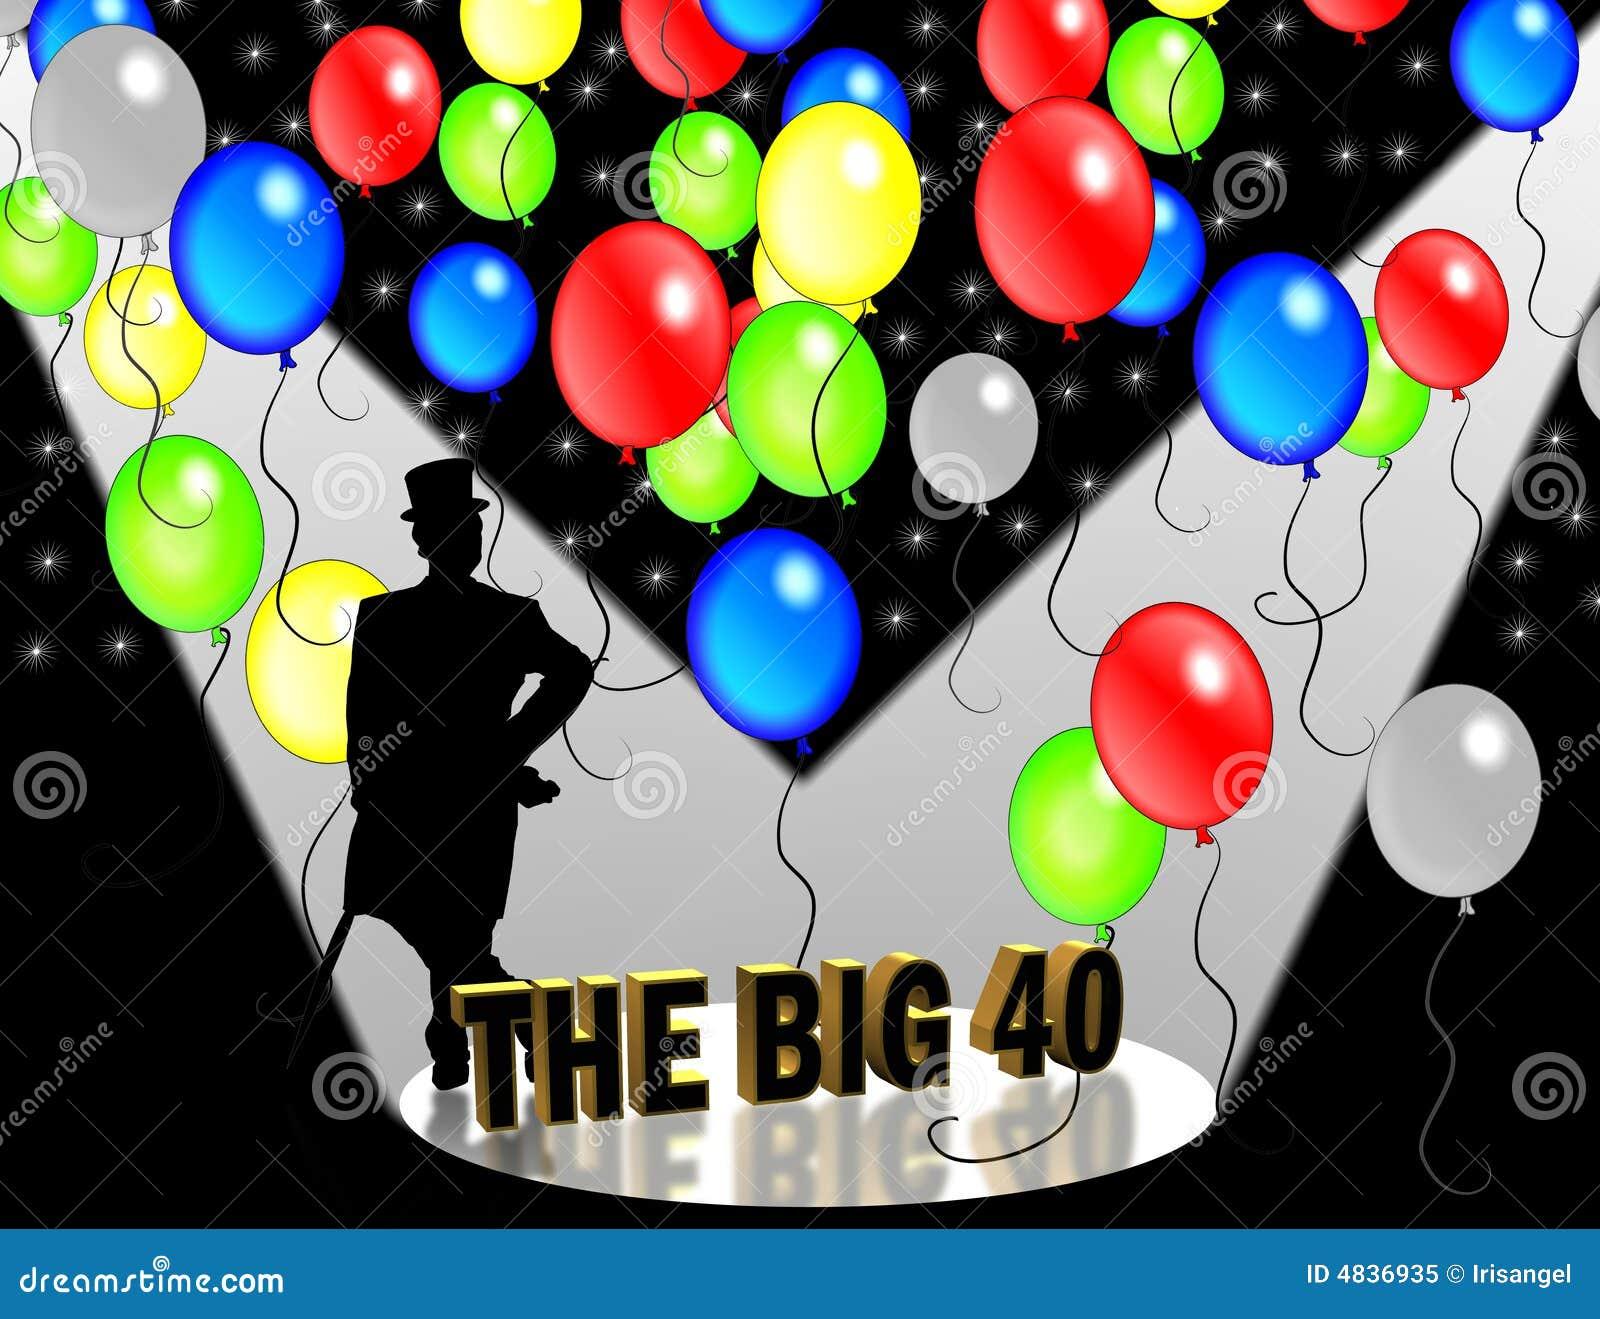 40thBirthday Party invitation